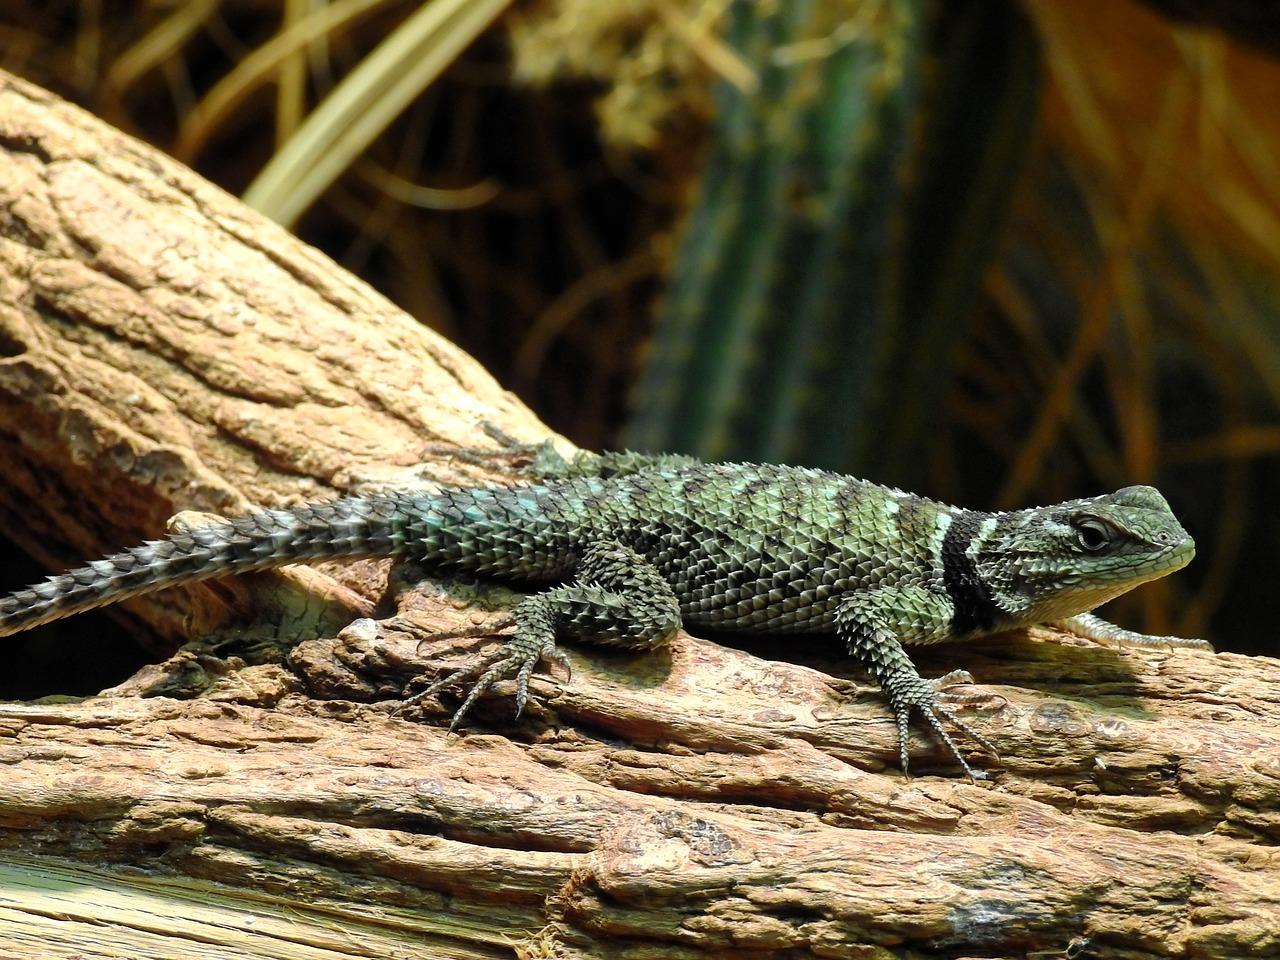 lizard-1355693_1280